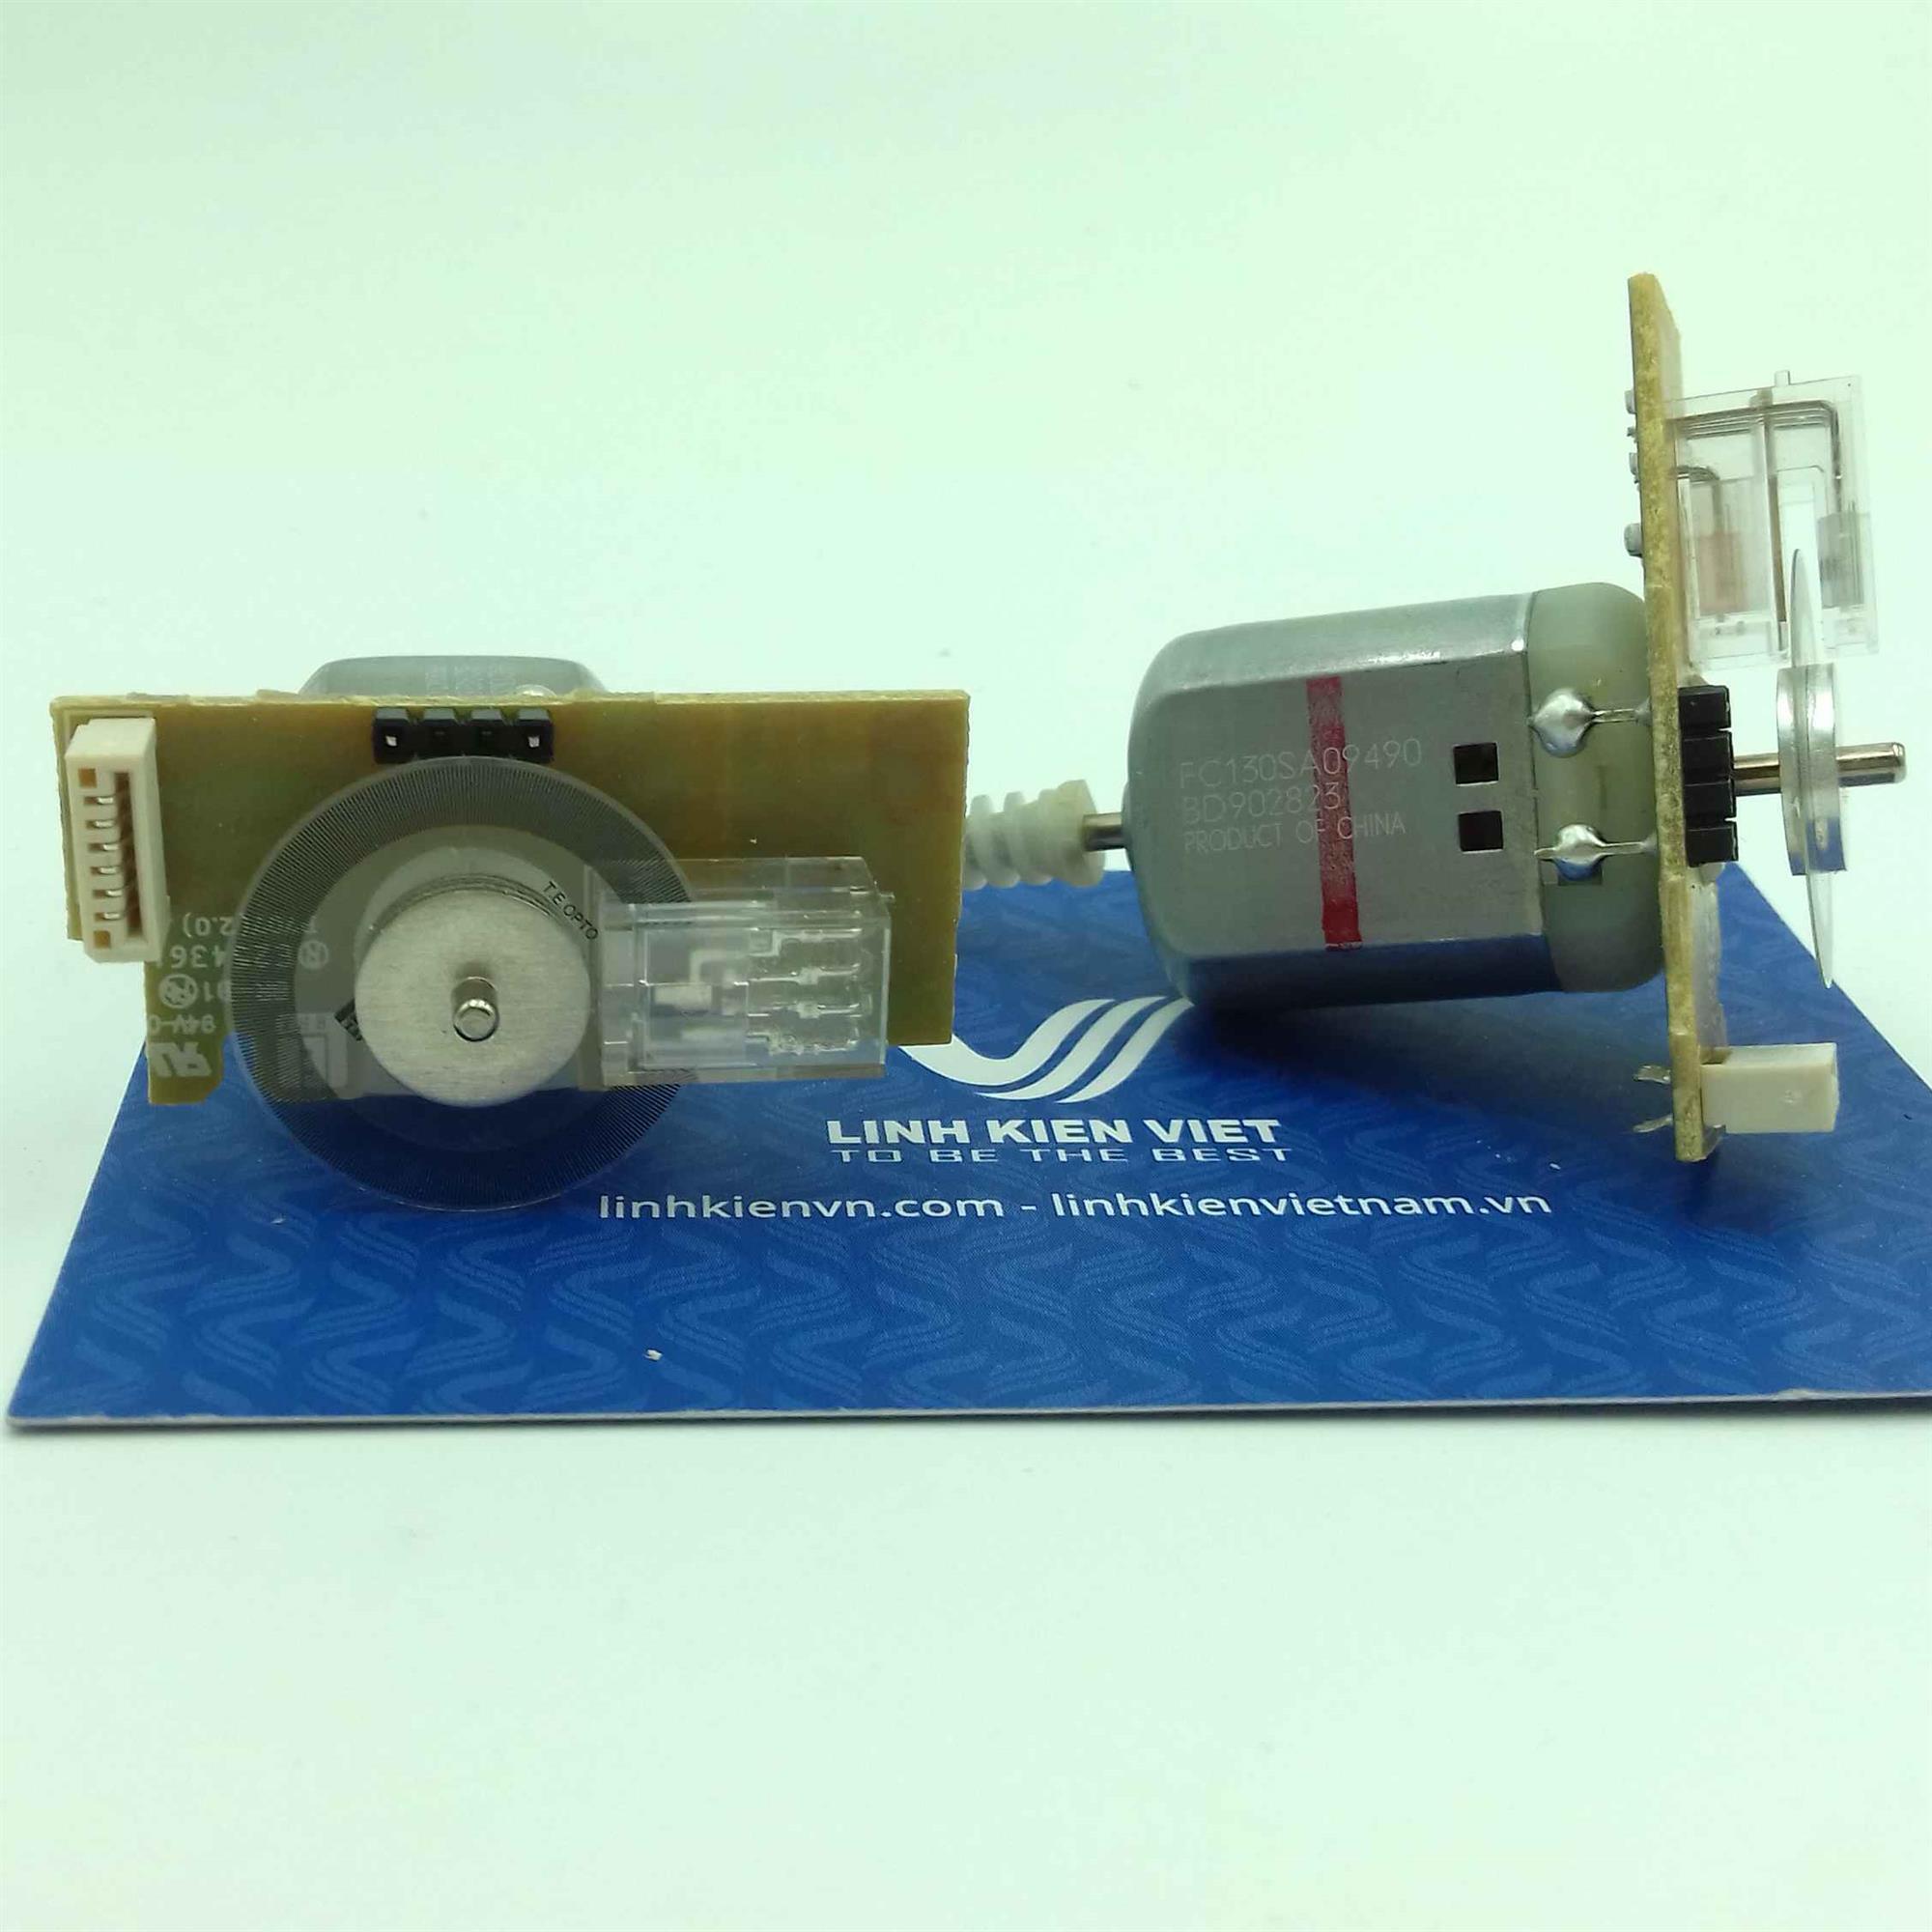 Motor encoder 334 xung mini / Động cơ encoder 334 xung mini - i5H1